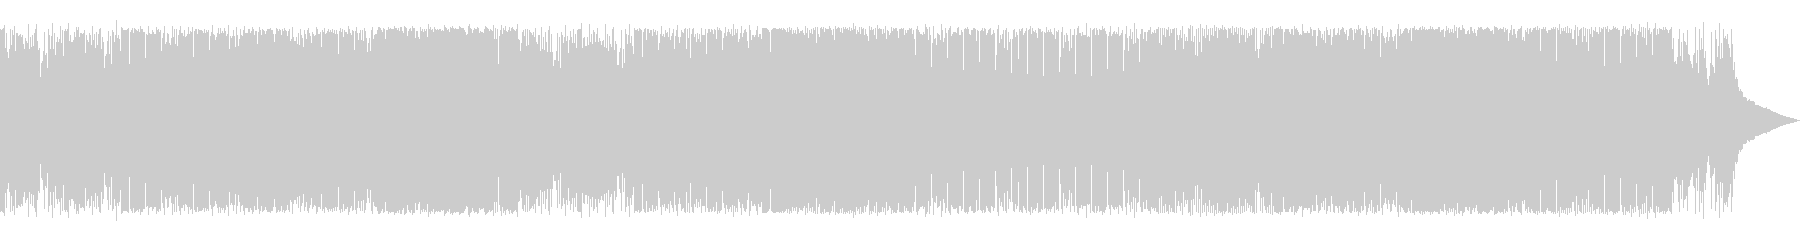 ミディアムテンポ切ない系トロピカルハウスの未再生の波形